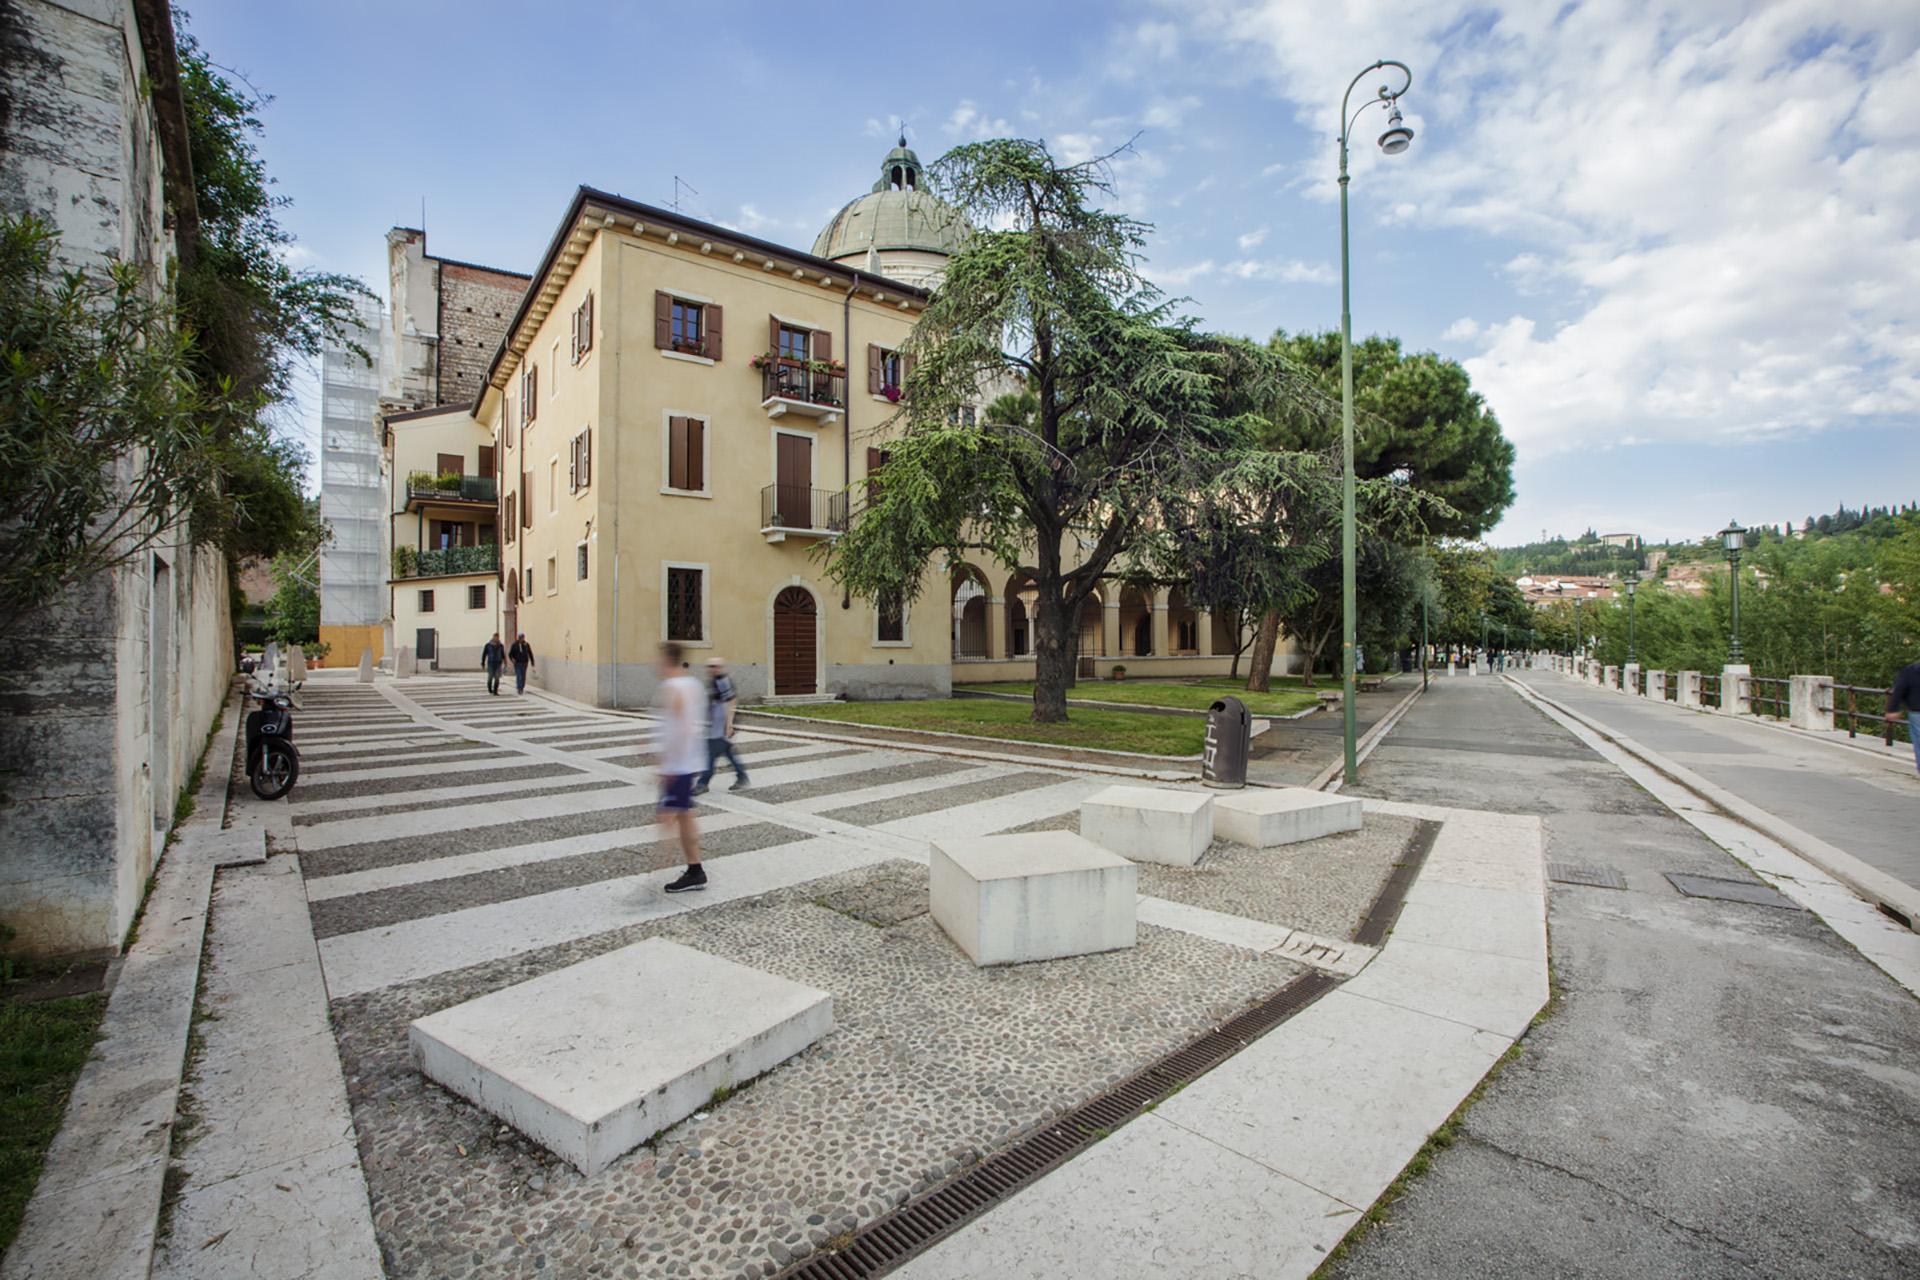 pavimentazione piazzetta San Giorgio in Braida